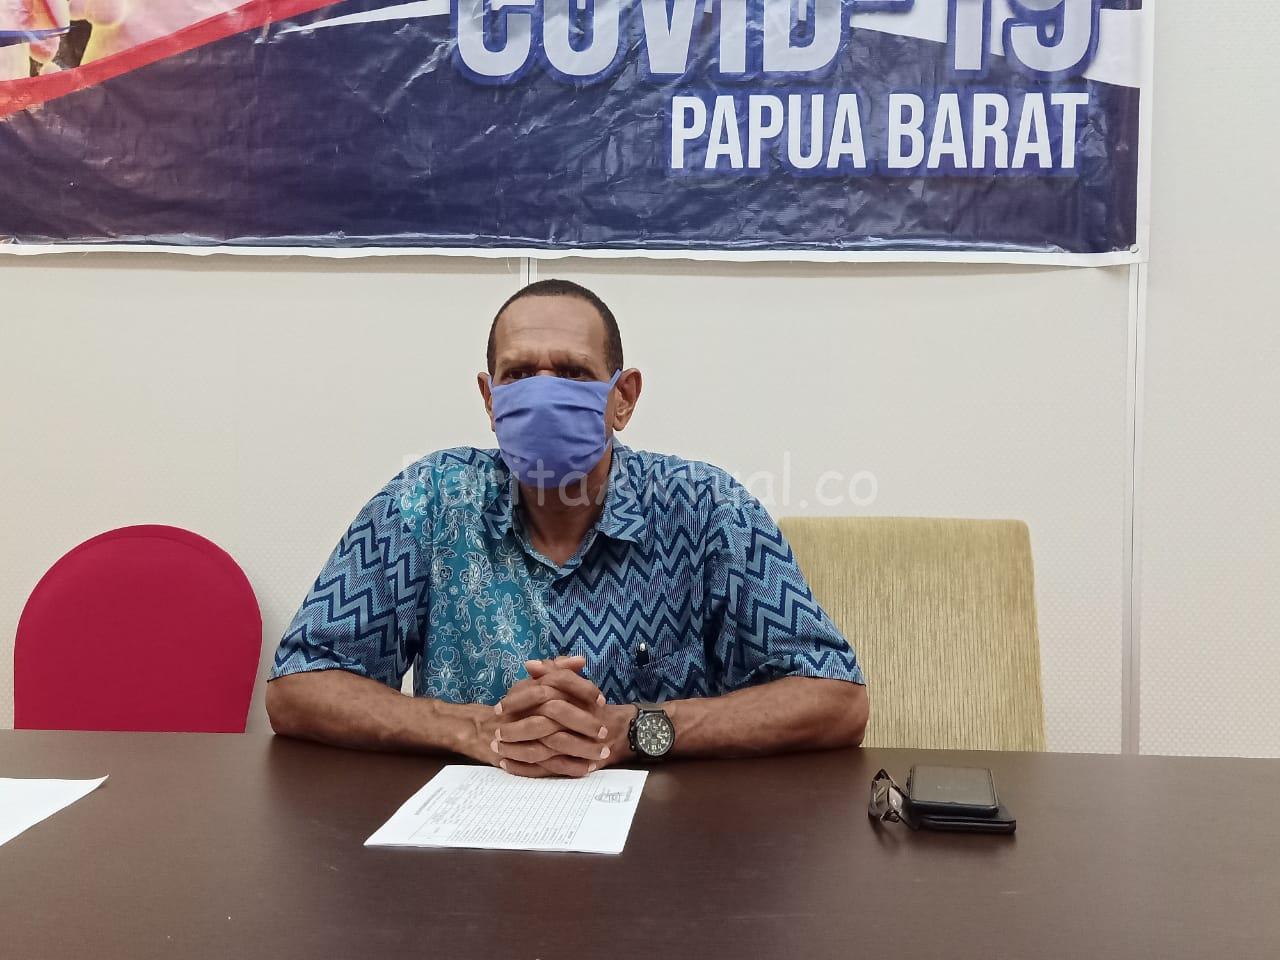 Update Terbaru, Tambah 5 Pasien Positif Covid-19 Total di Papua Barat 13 Orang 19 IMG 20200423 WA0076